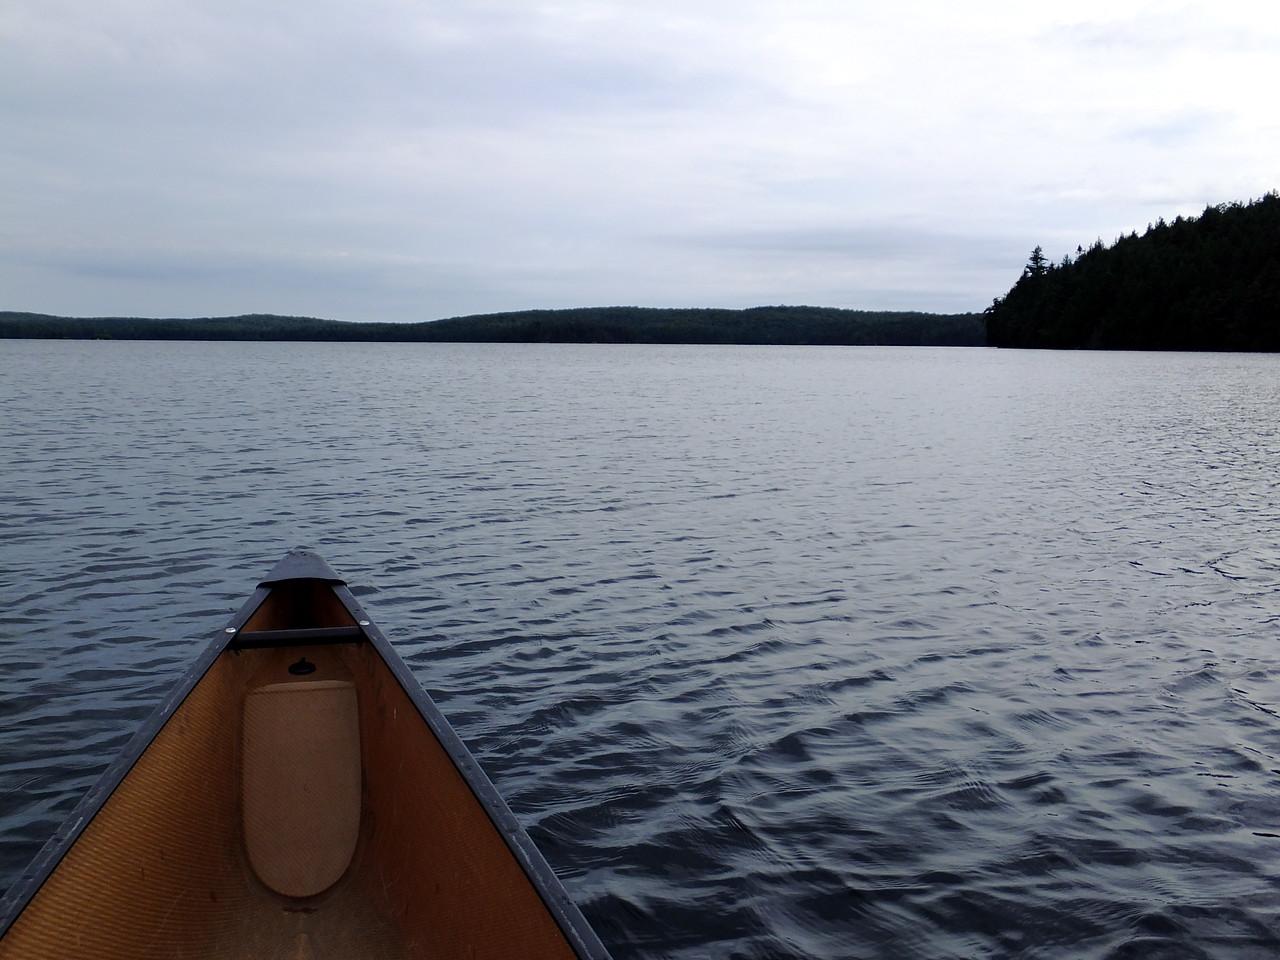 A dreary day on Merchant Lake